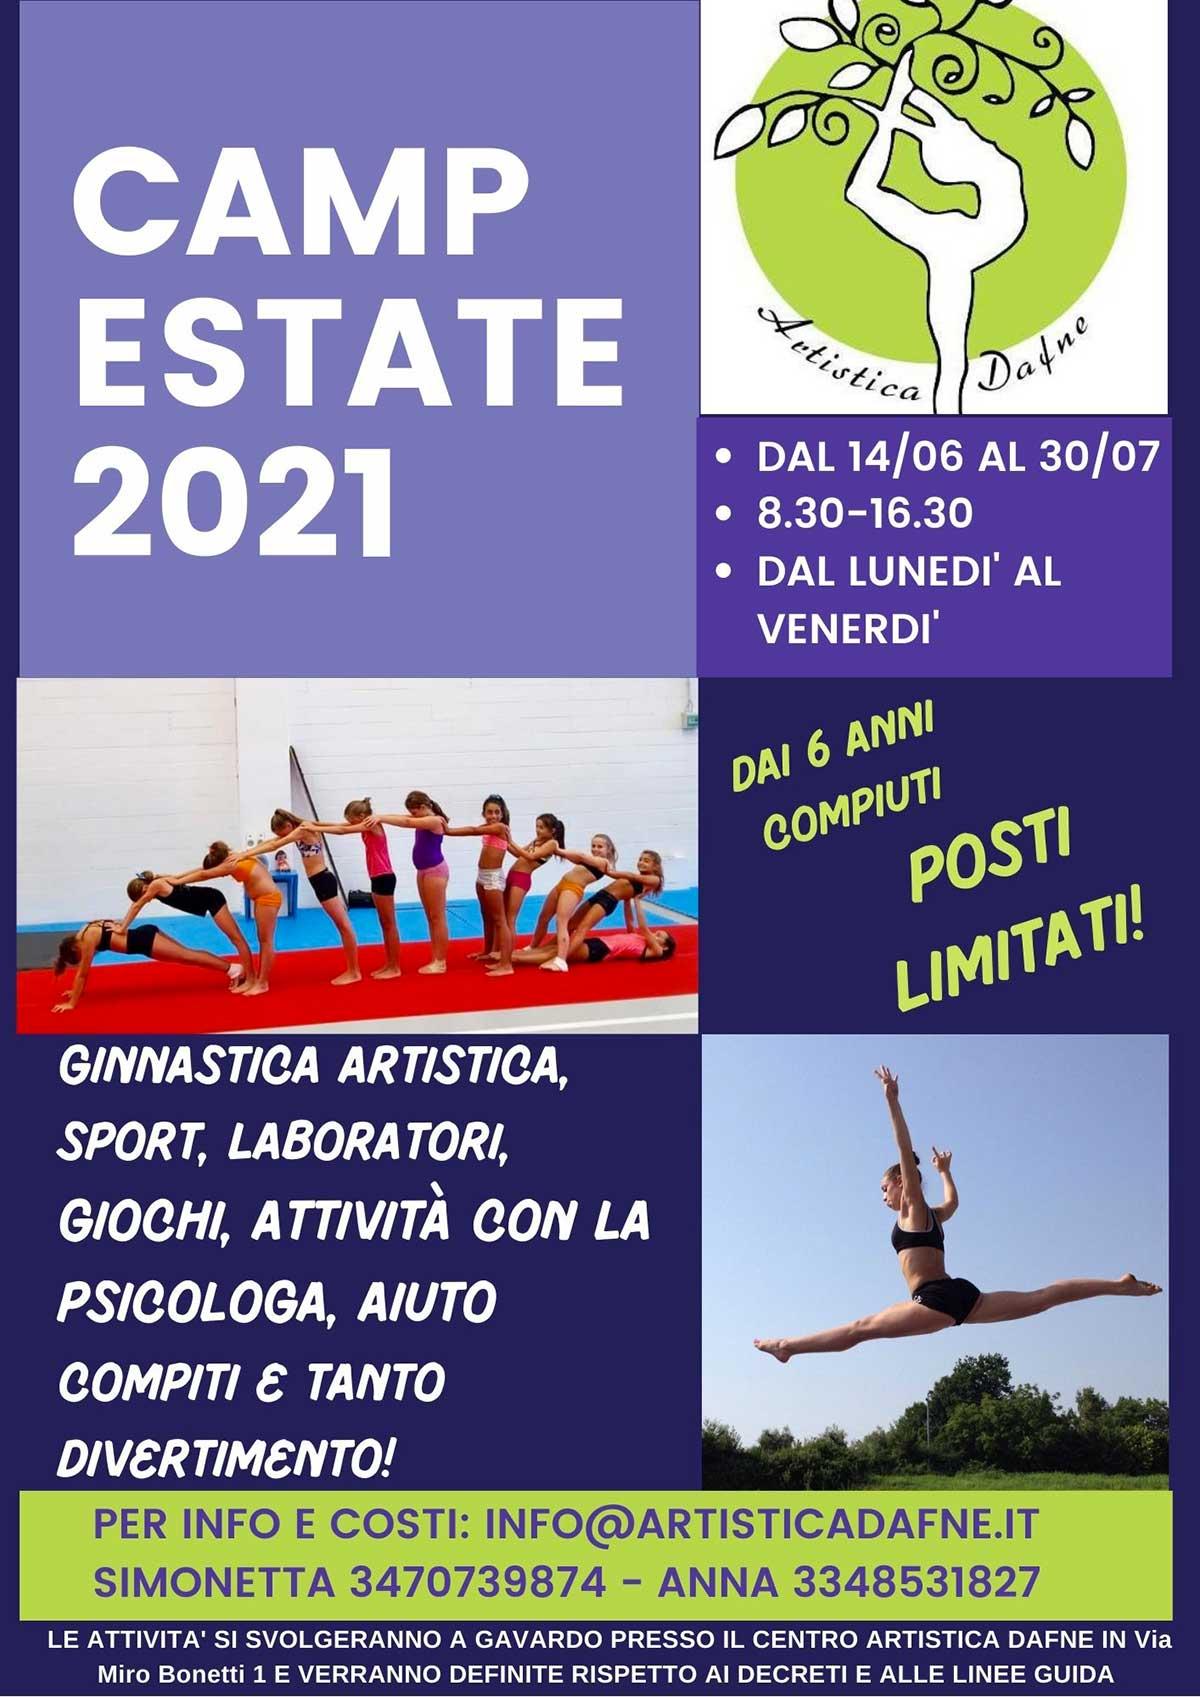 CAMP-ESTATE-2021-artistica-dafne-gavardo